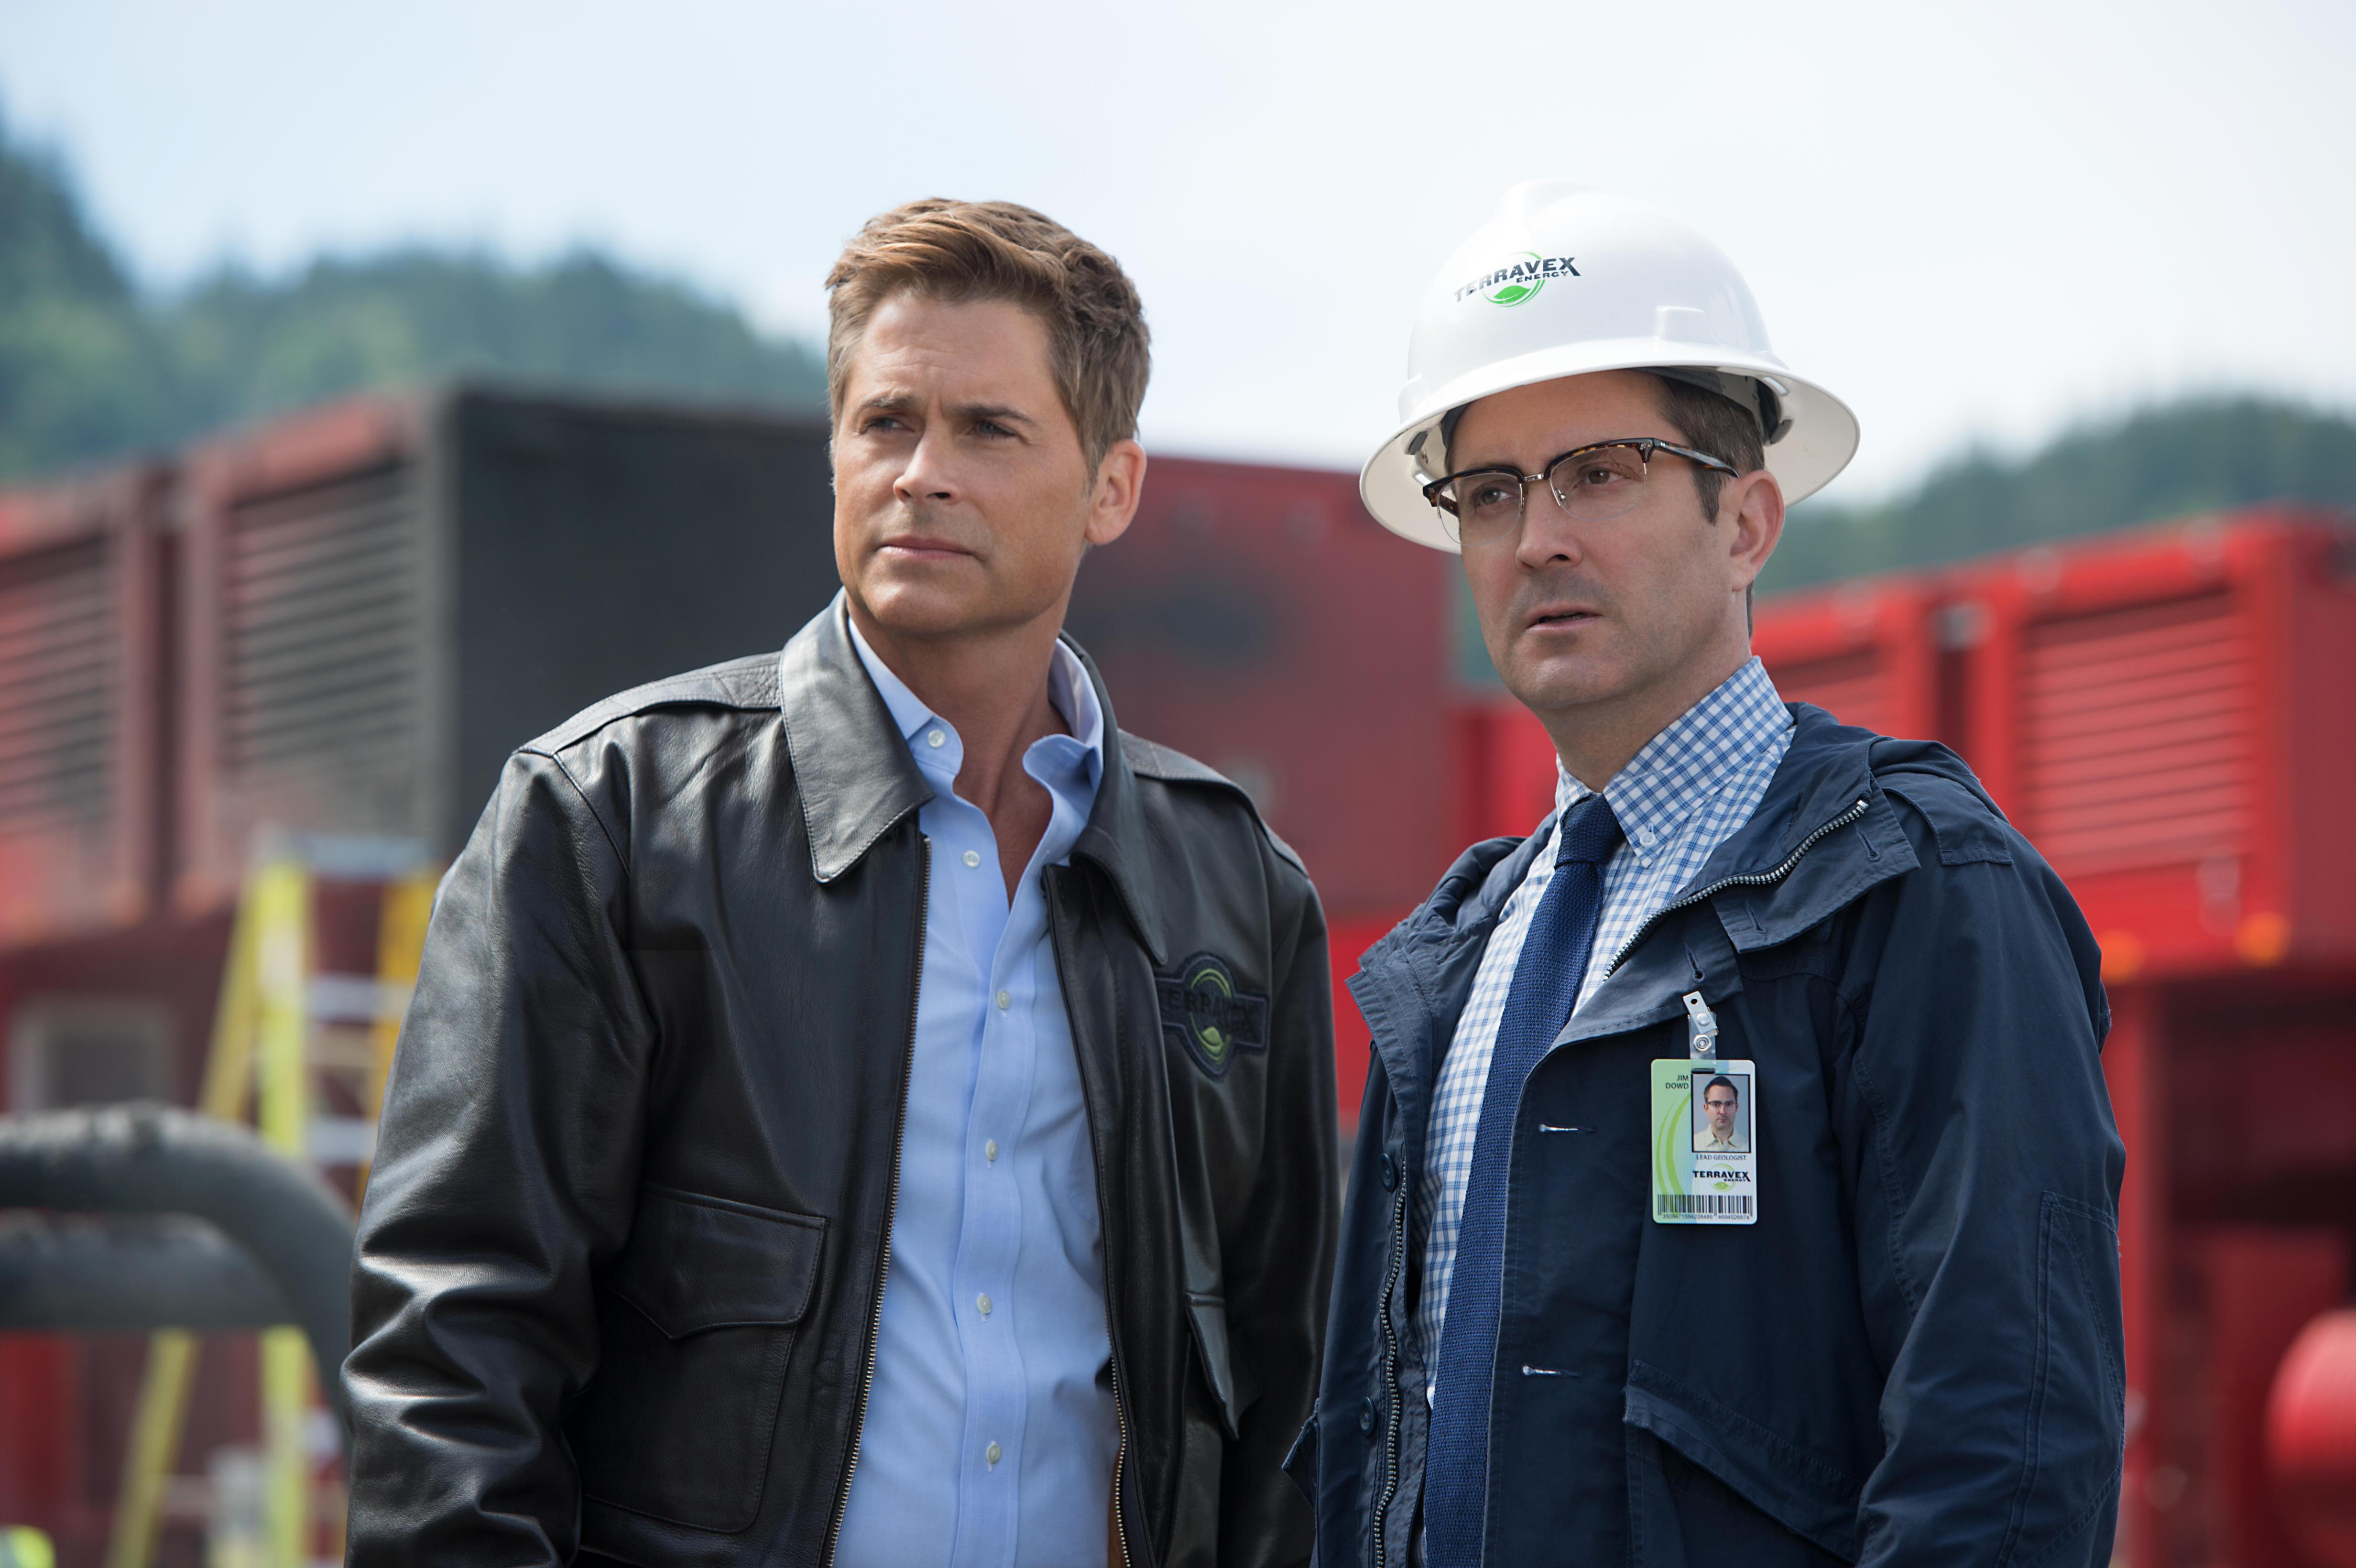 Szenenbild aus MONSTER TRUCKS (2016) - Reece Tenneson (Rob Lowe) und Jim Dowd (Thomas Lennon) sind auf der Suche nach Creech. - © Paramount Pictures